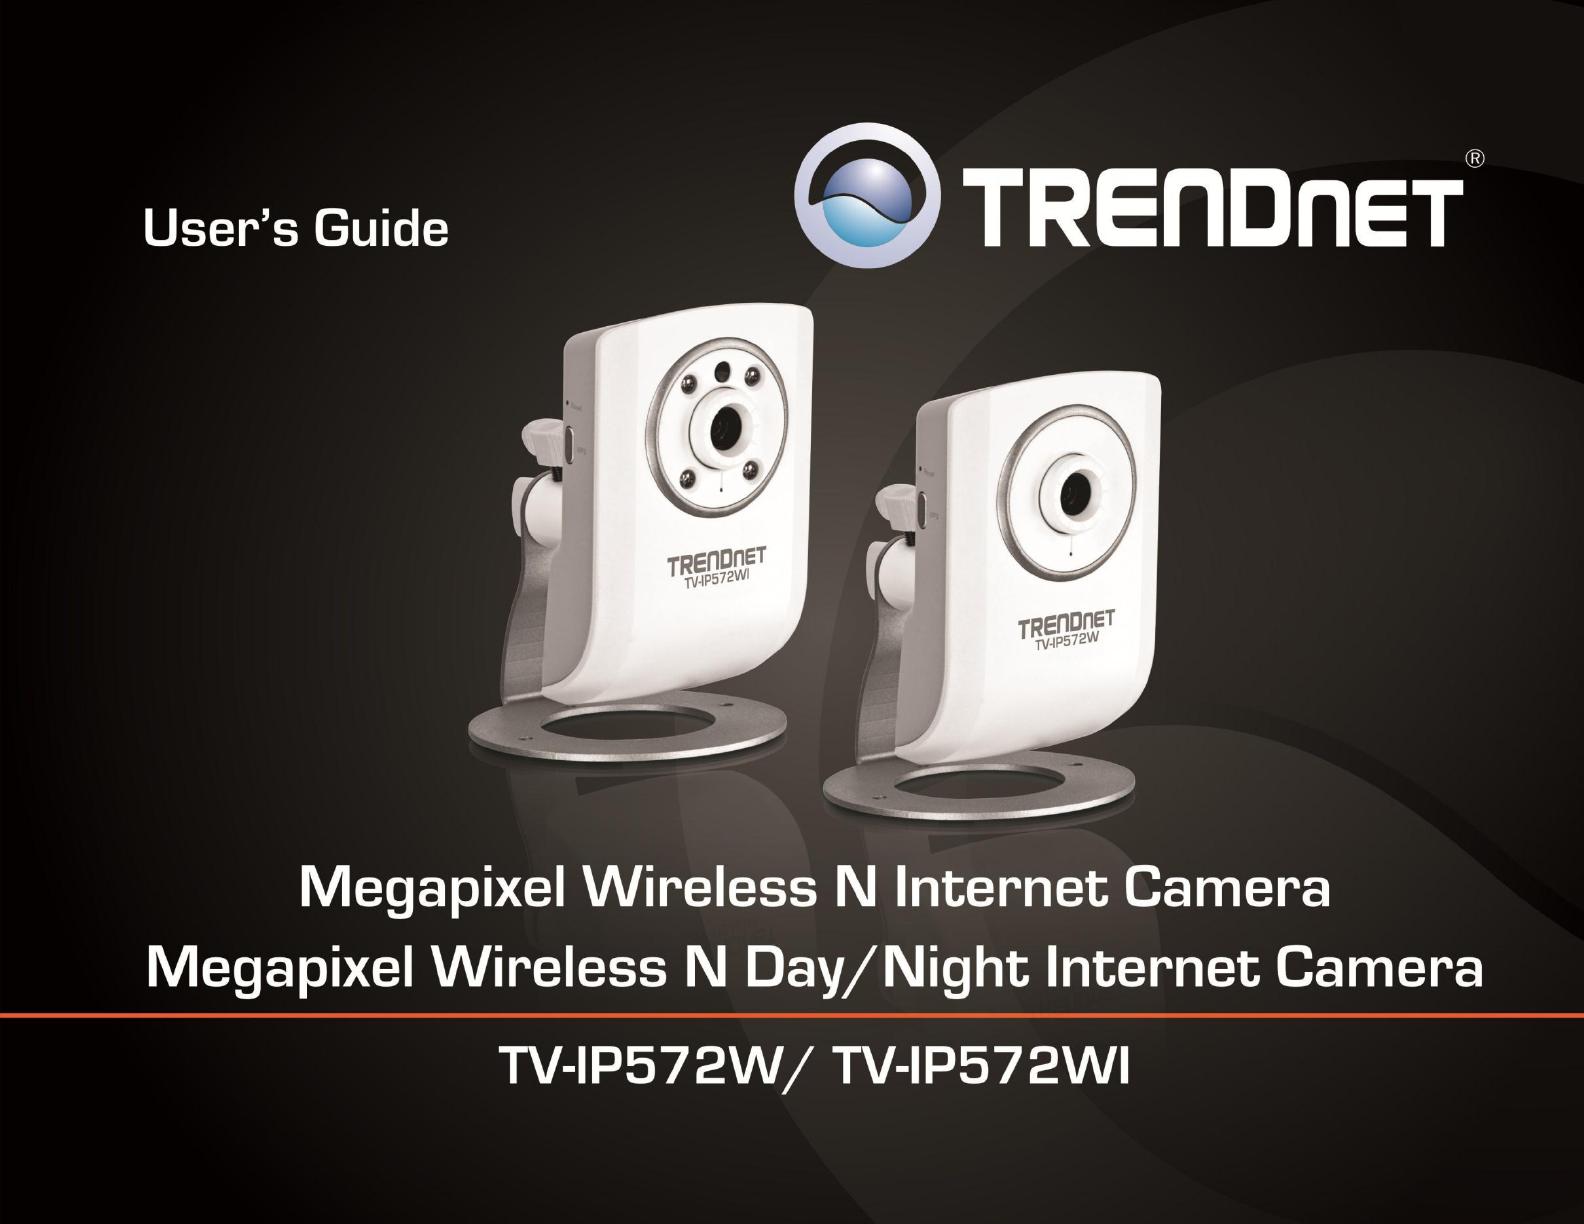 Handleiding Trendnet TV-IP572W (pagina 1 van 43) (English)